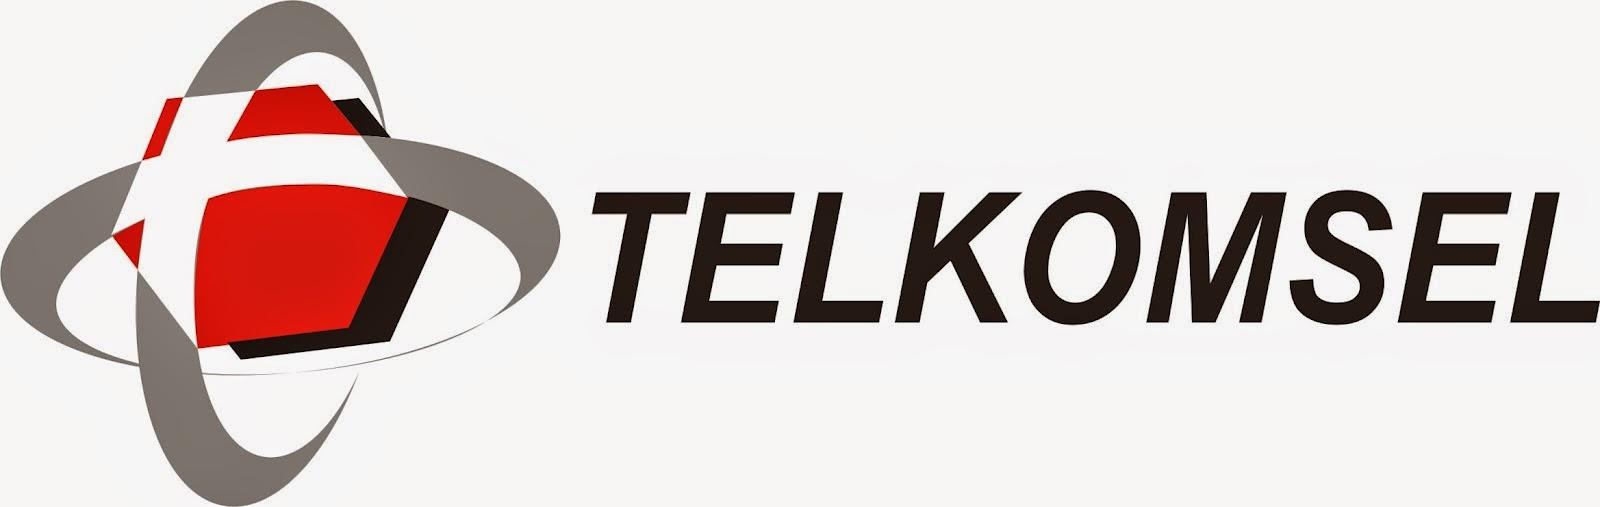 Download Inject Telkomsel Gratis Terbaru 7 Januari 2015